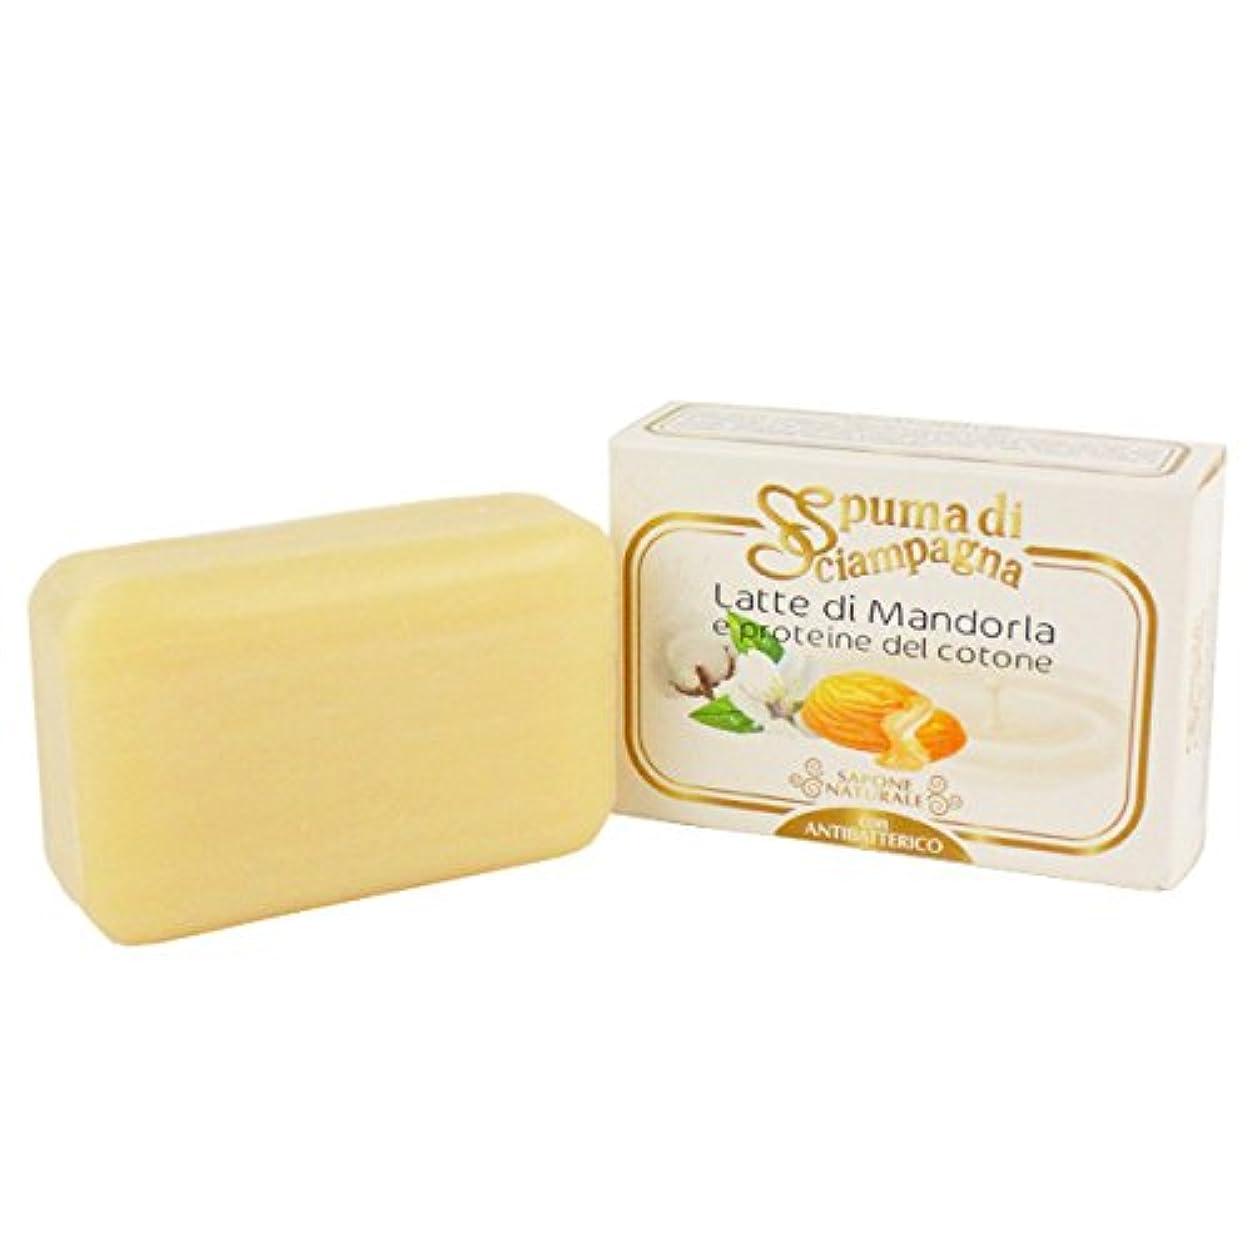 いつか独裁者谷Spuma di Sciampagna (スプーマ ディ シャンパーニャ) ナチュラルソープ 化粧石けん 145g アーモンドの香り